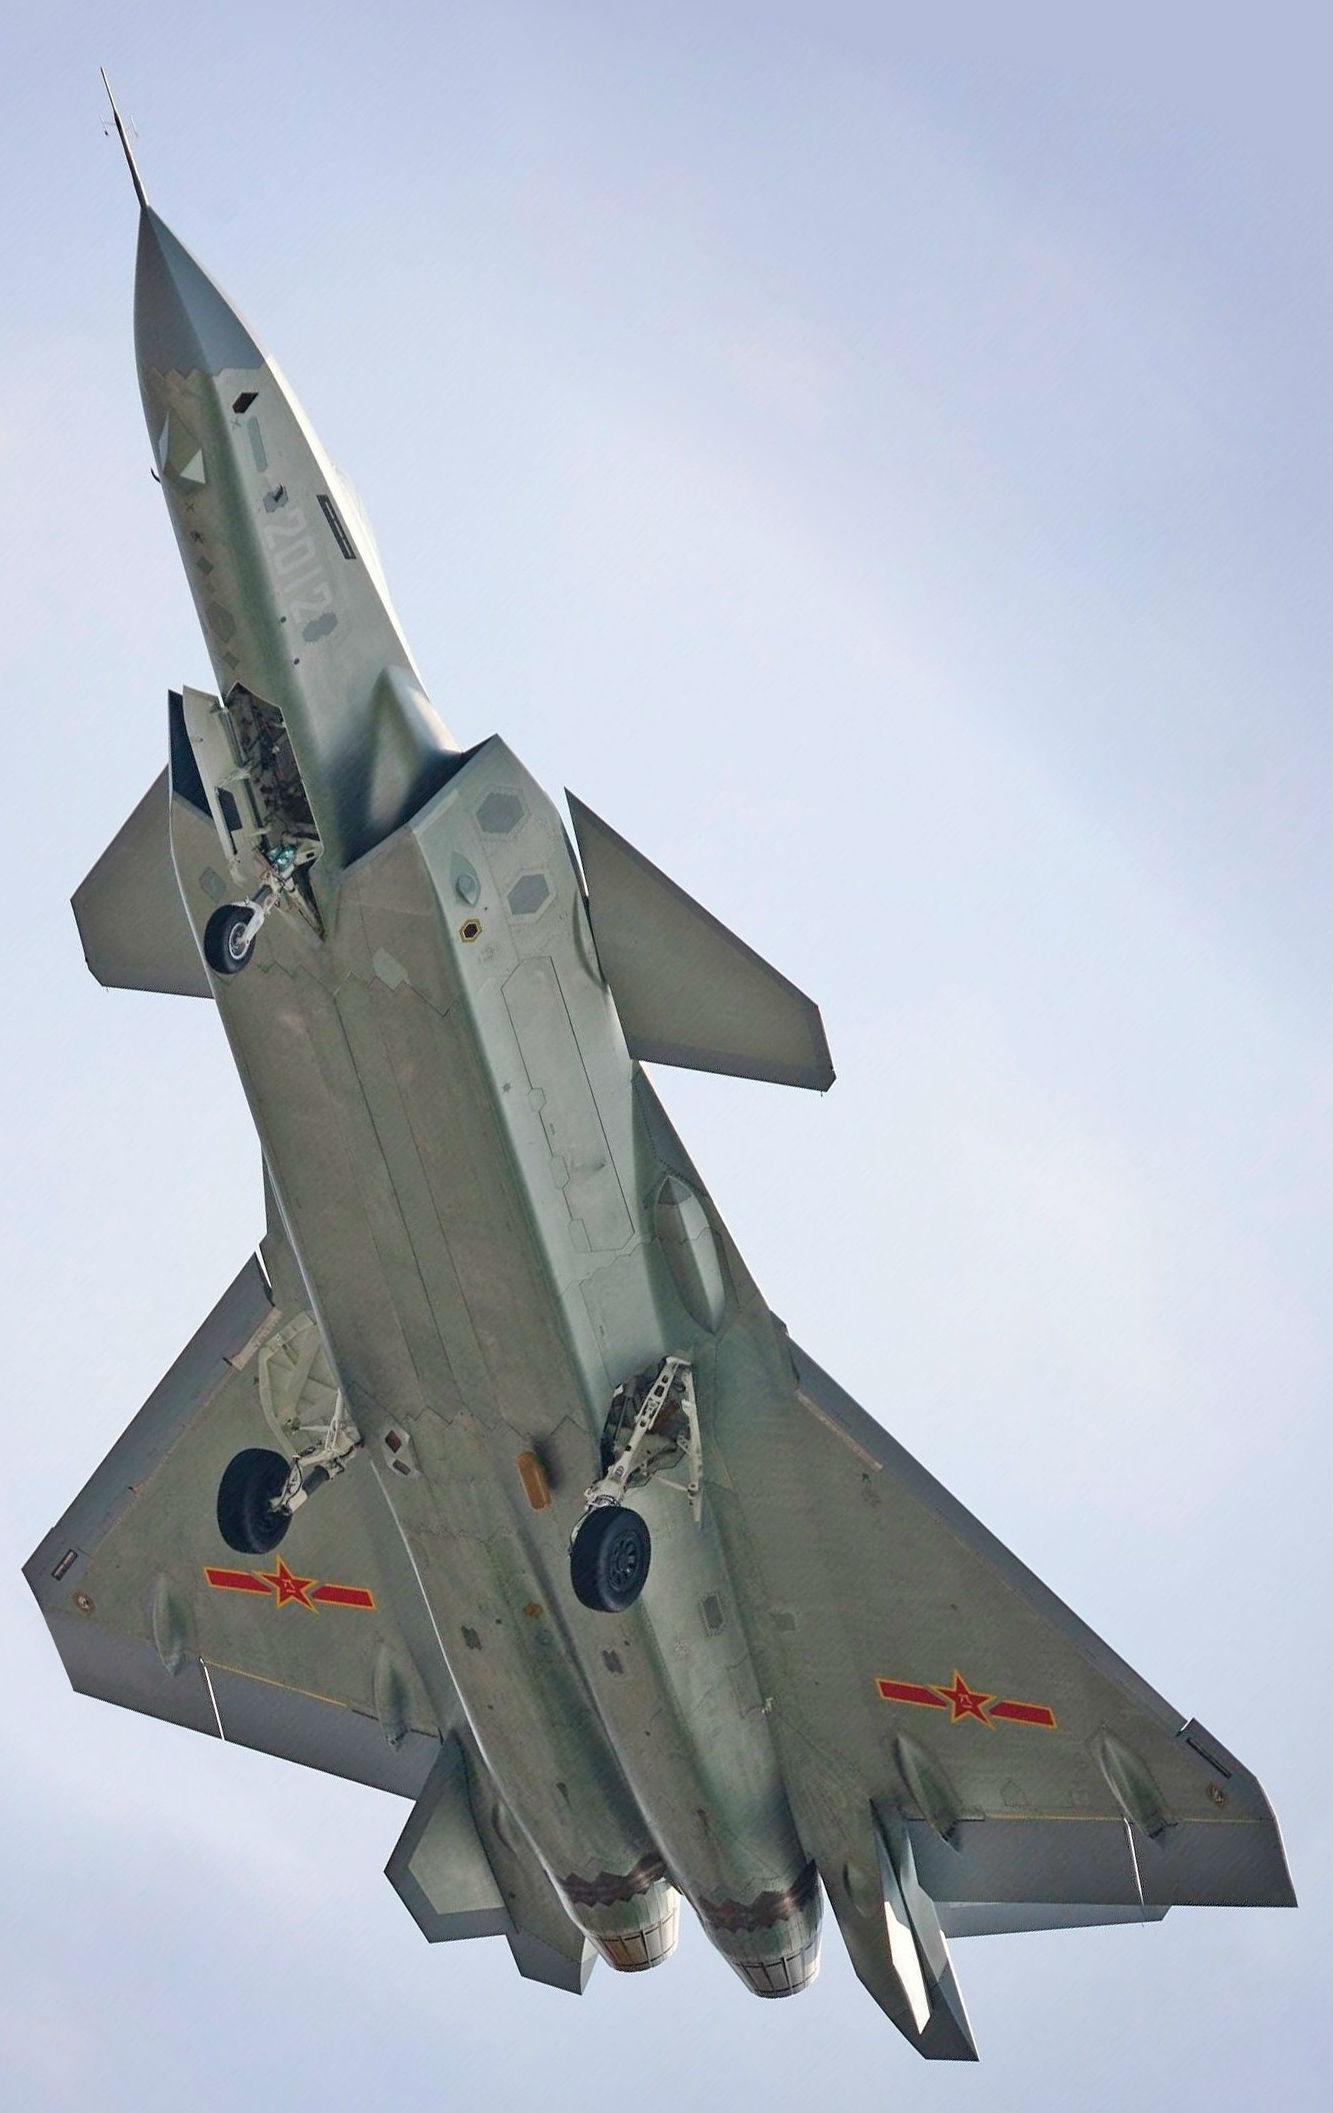 Прототип китайского истребителя J-20 (б/н 2012) с линзой Люнеберга. Данное устройство предназначено для увеличения радиолокационной сигнатуры самолета.